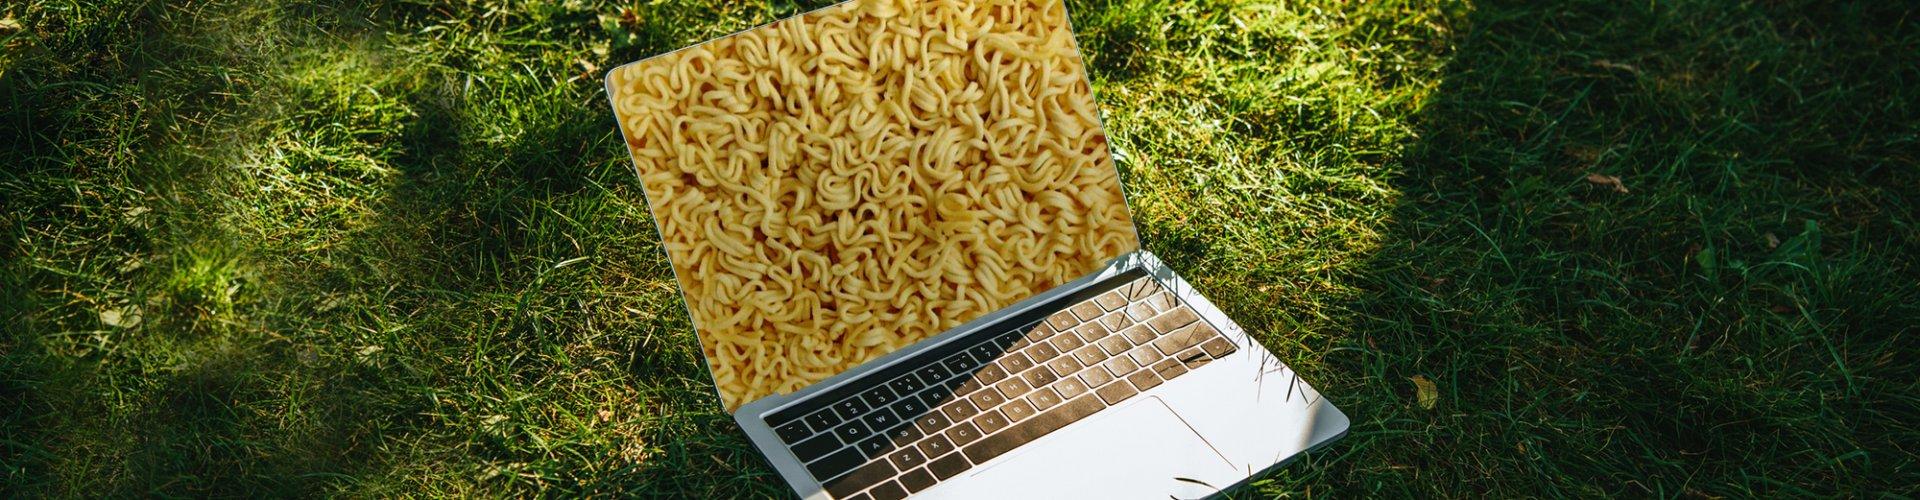 MacBook по цене пачки «Доширака»